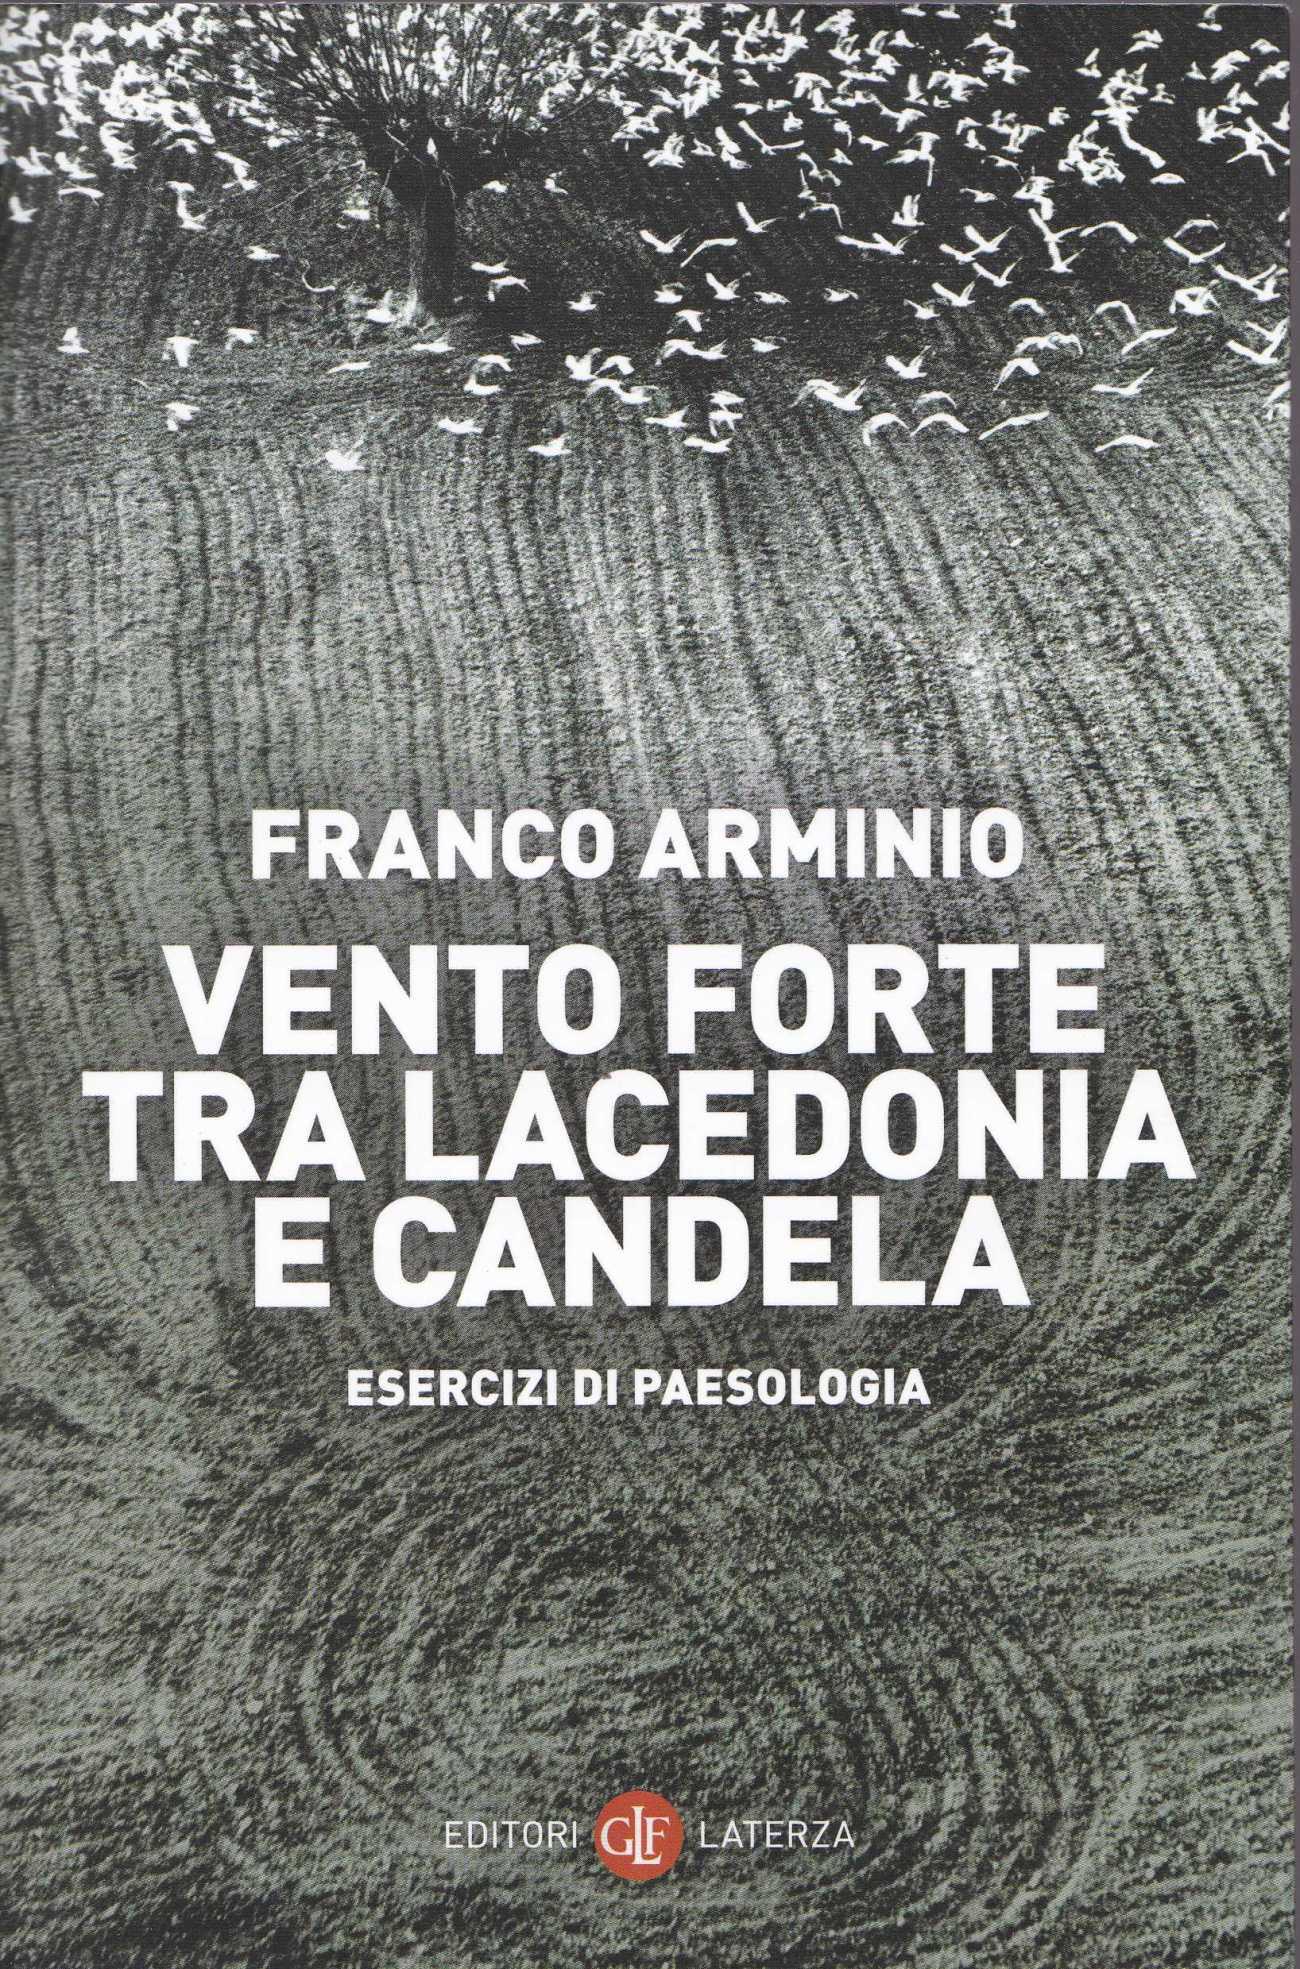 ARMINIO3359